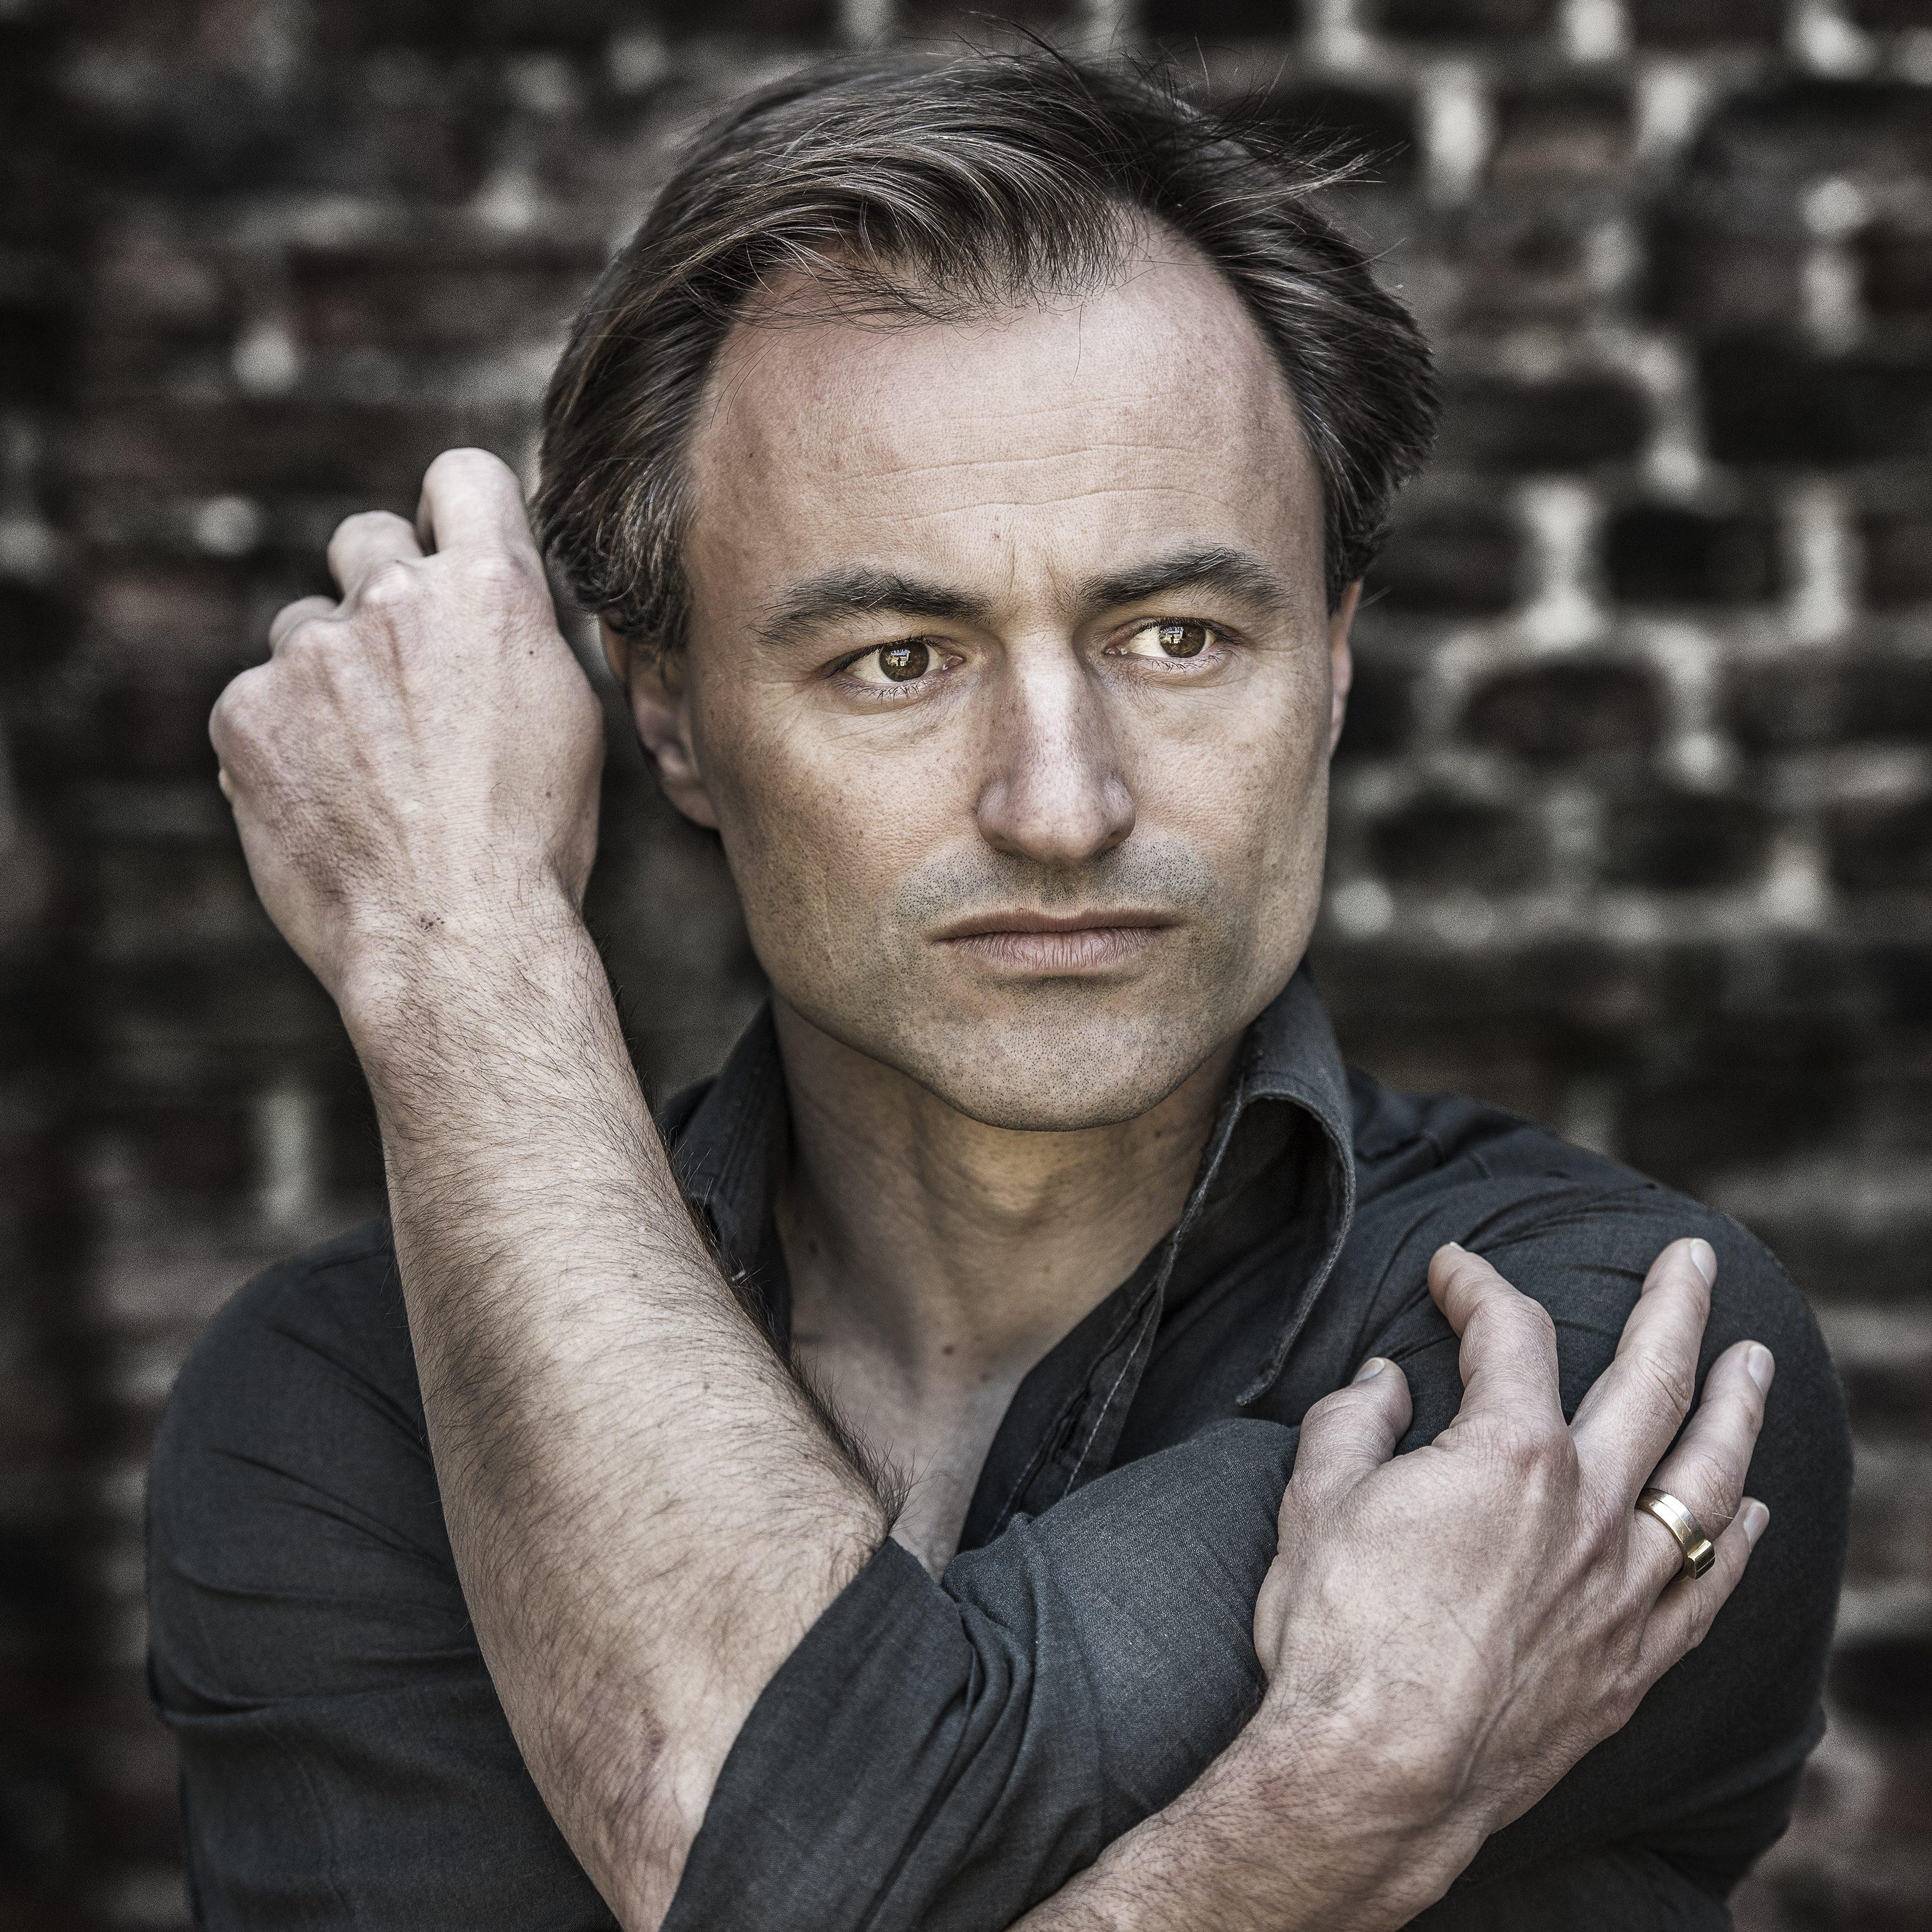 Dimitri Leue